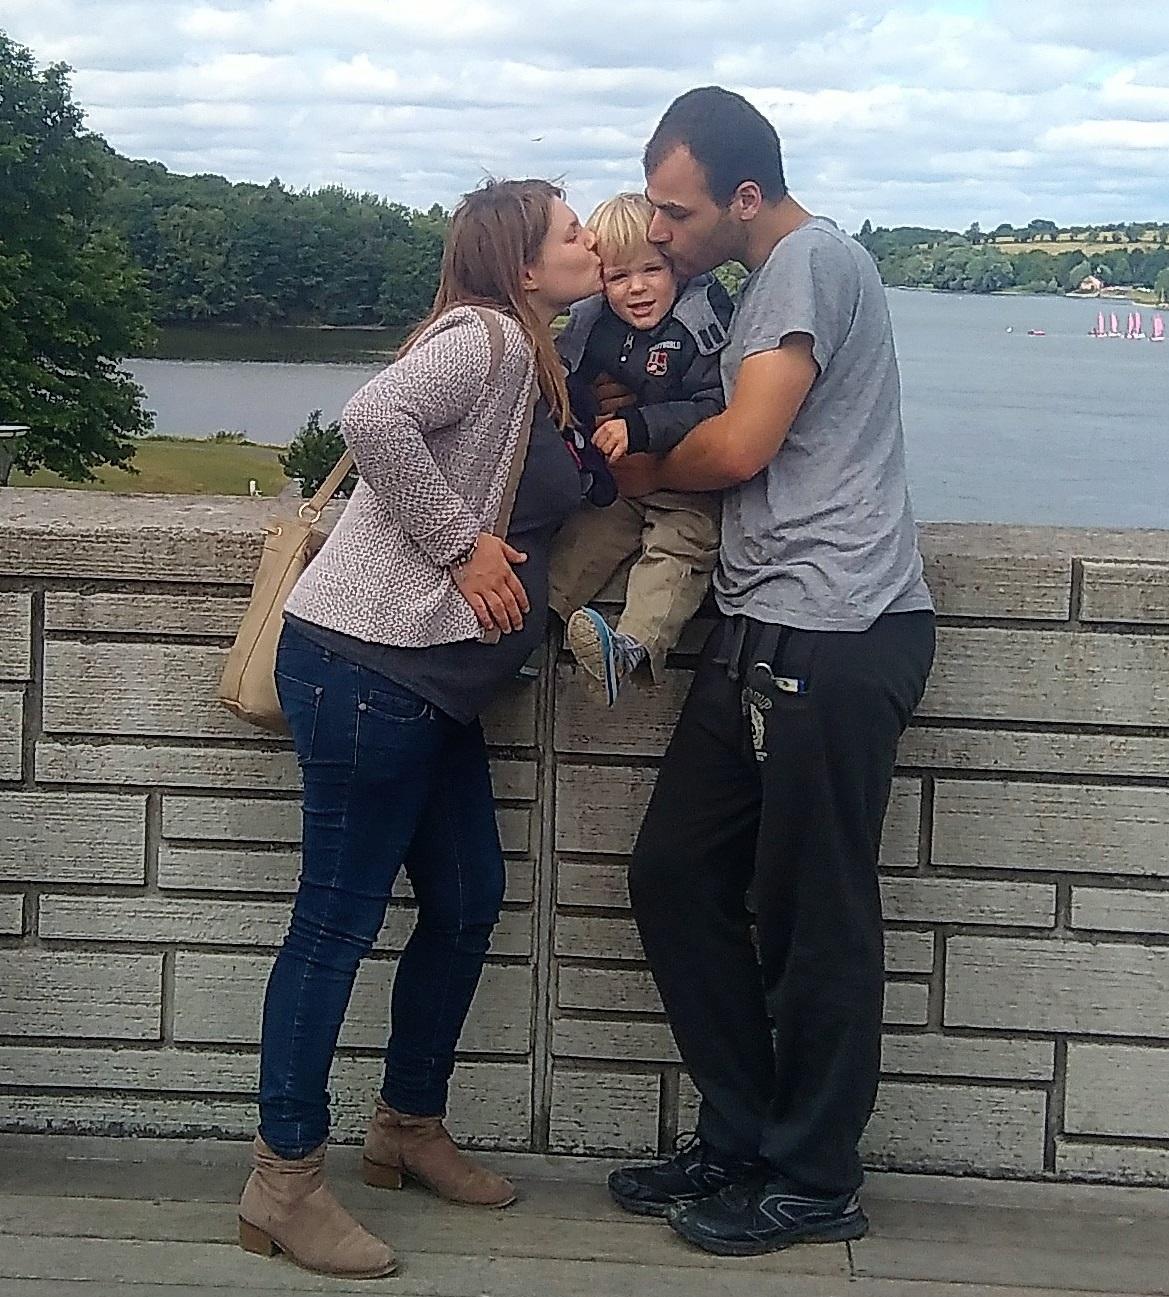 Histoire d 39 un vieux couple famille enfants l 39 illusion - Le plus gros porte conteneur de chez maersk ...